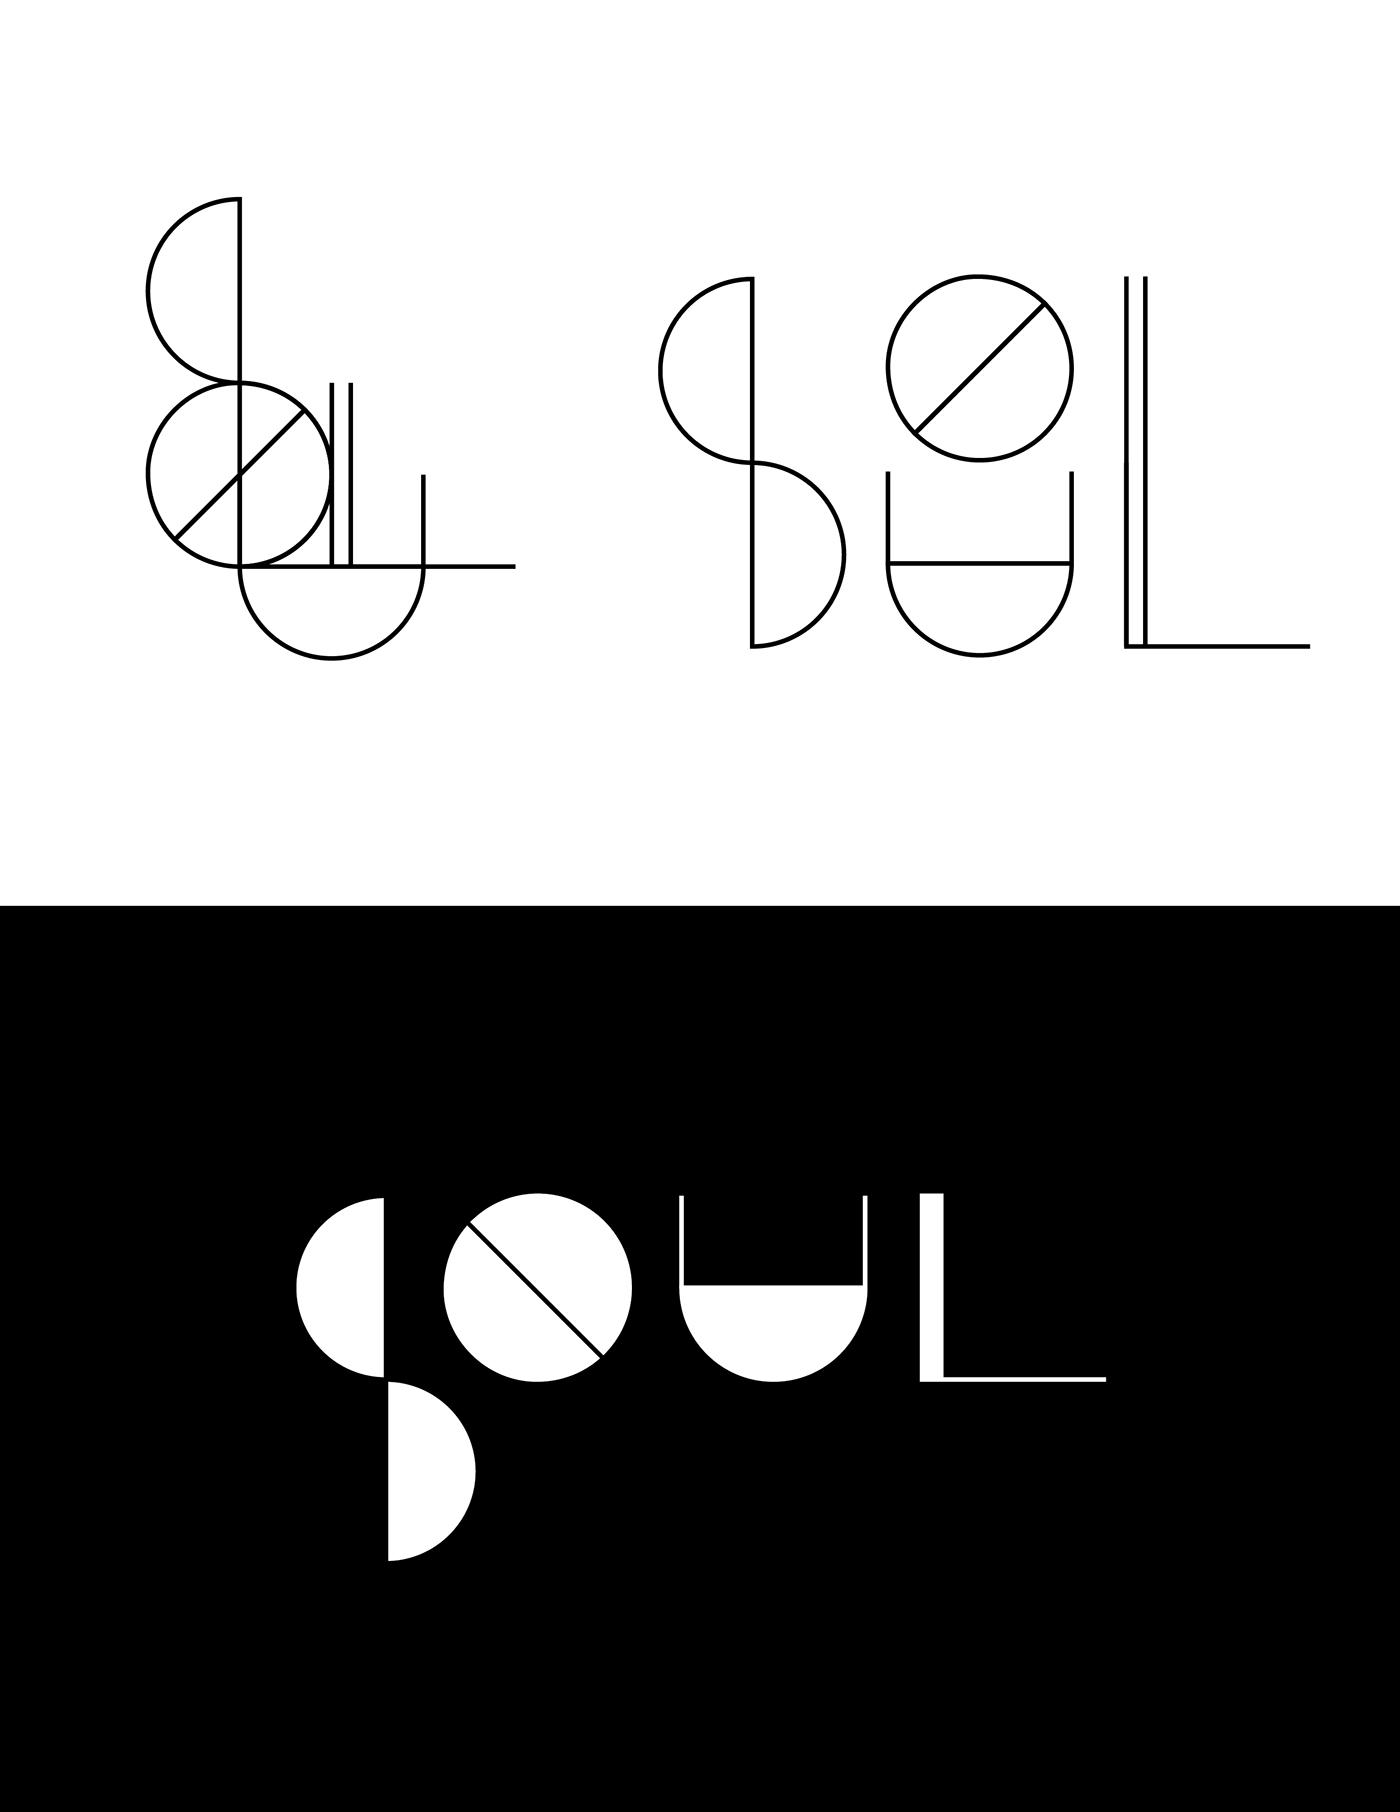 Soul logo 2